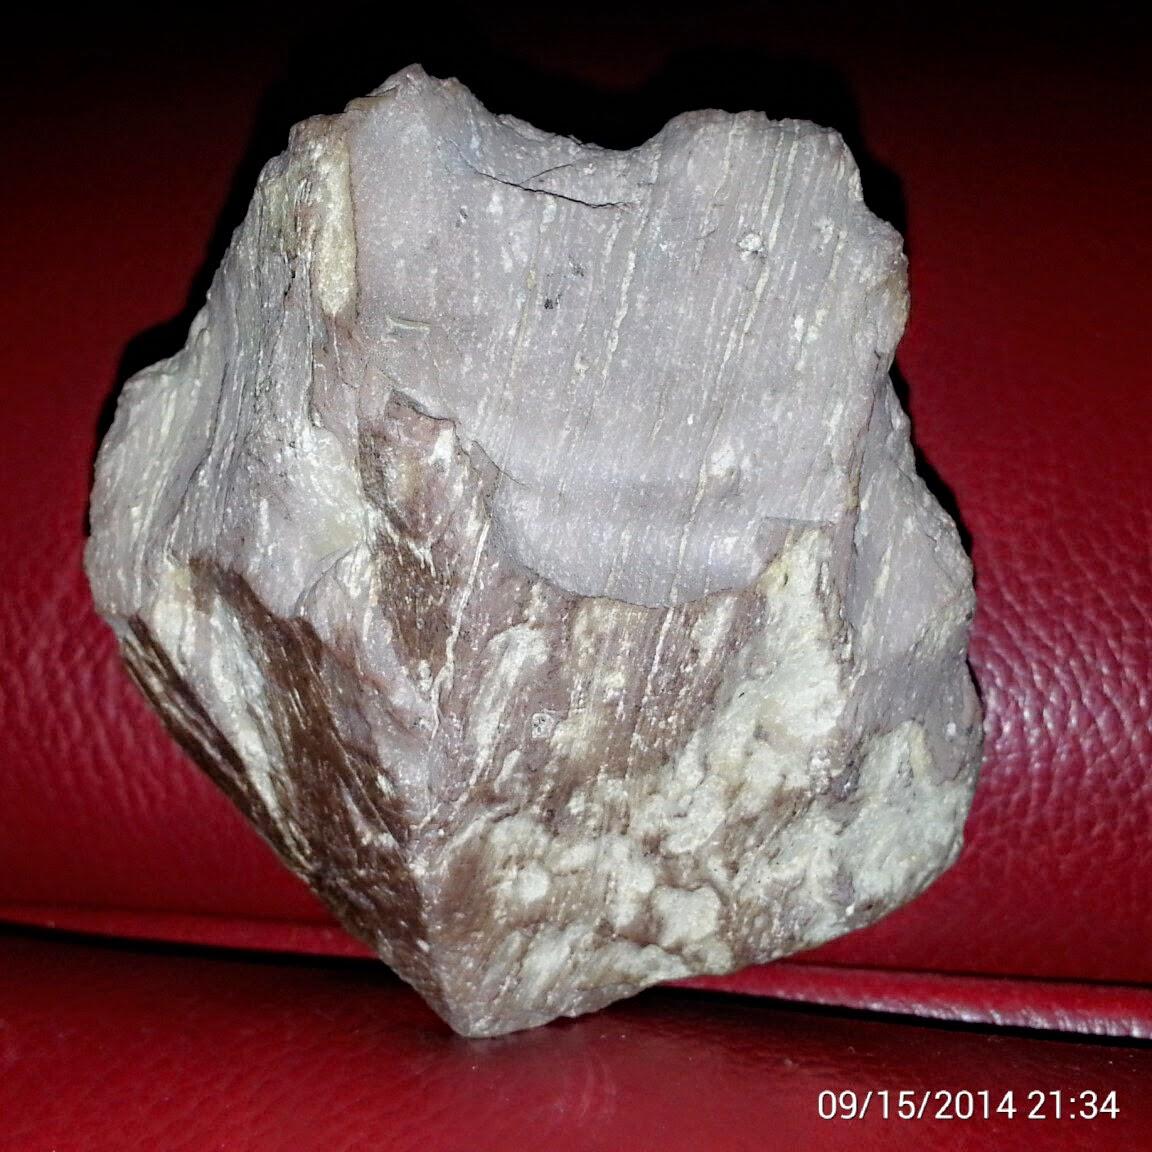 Jati Wood Fossil